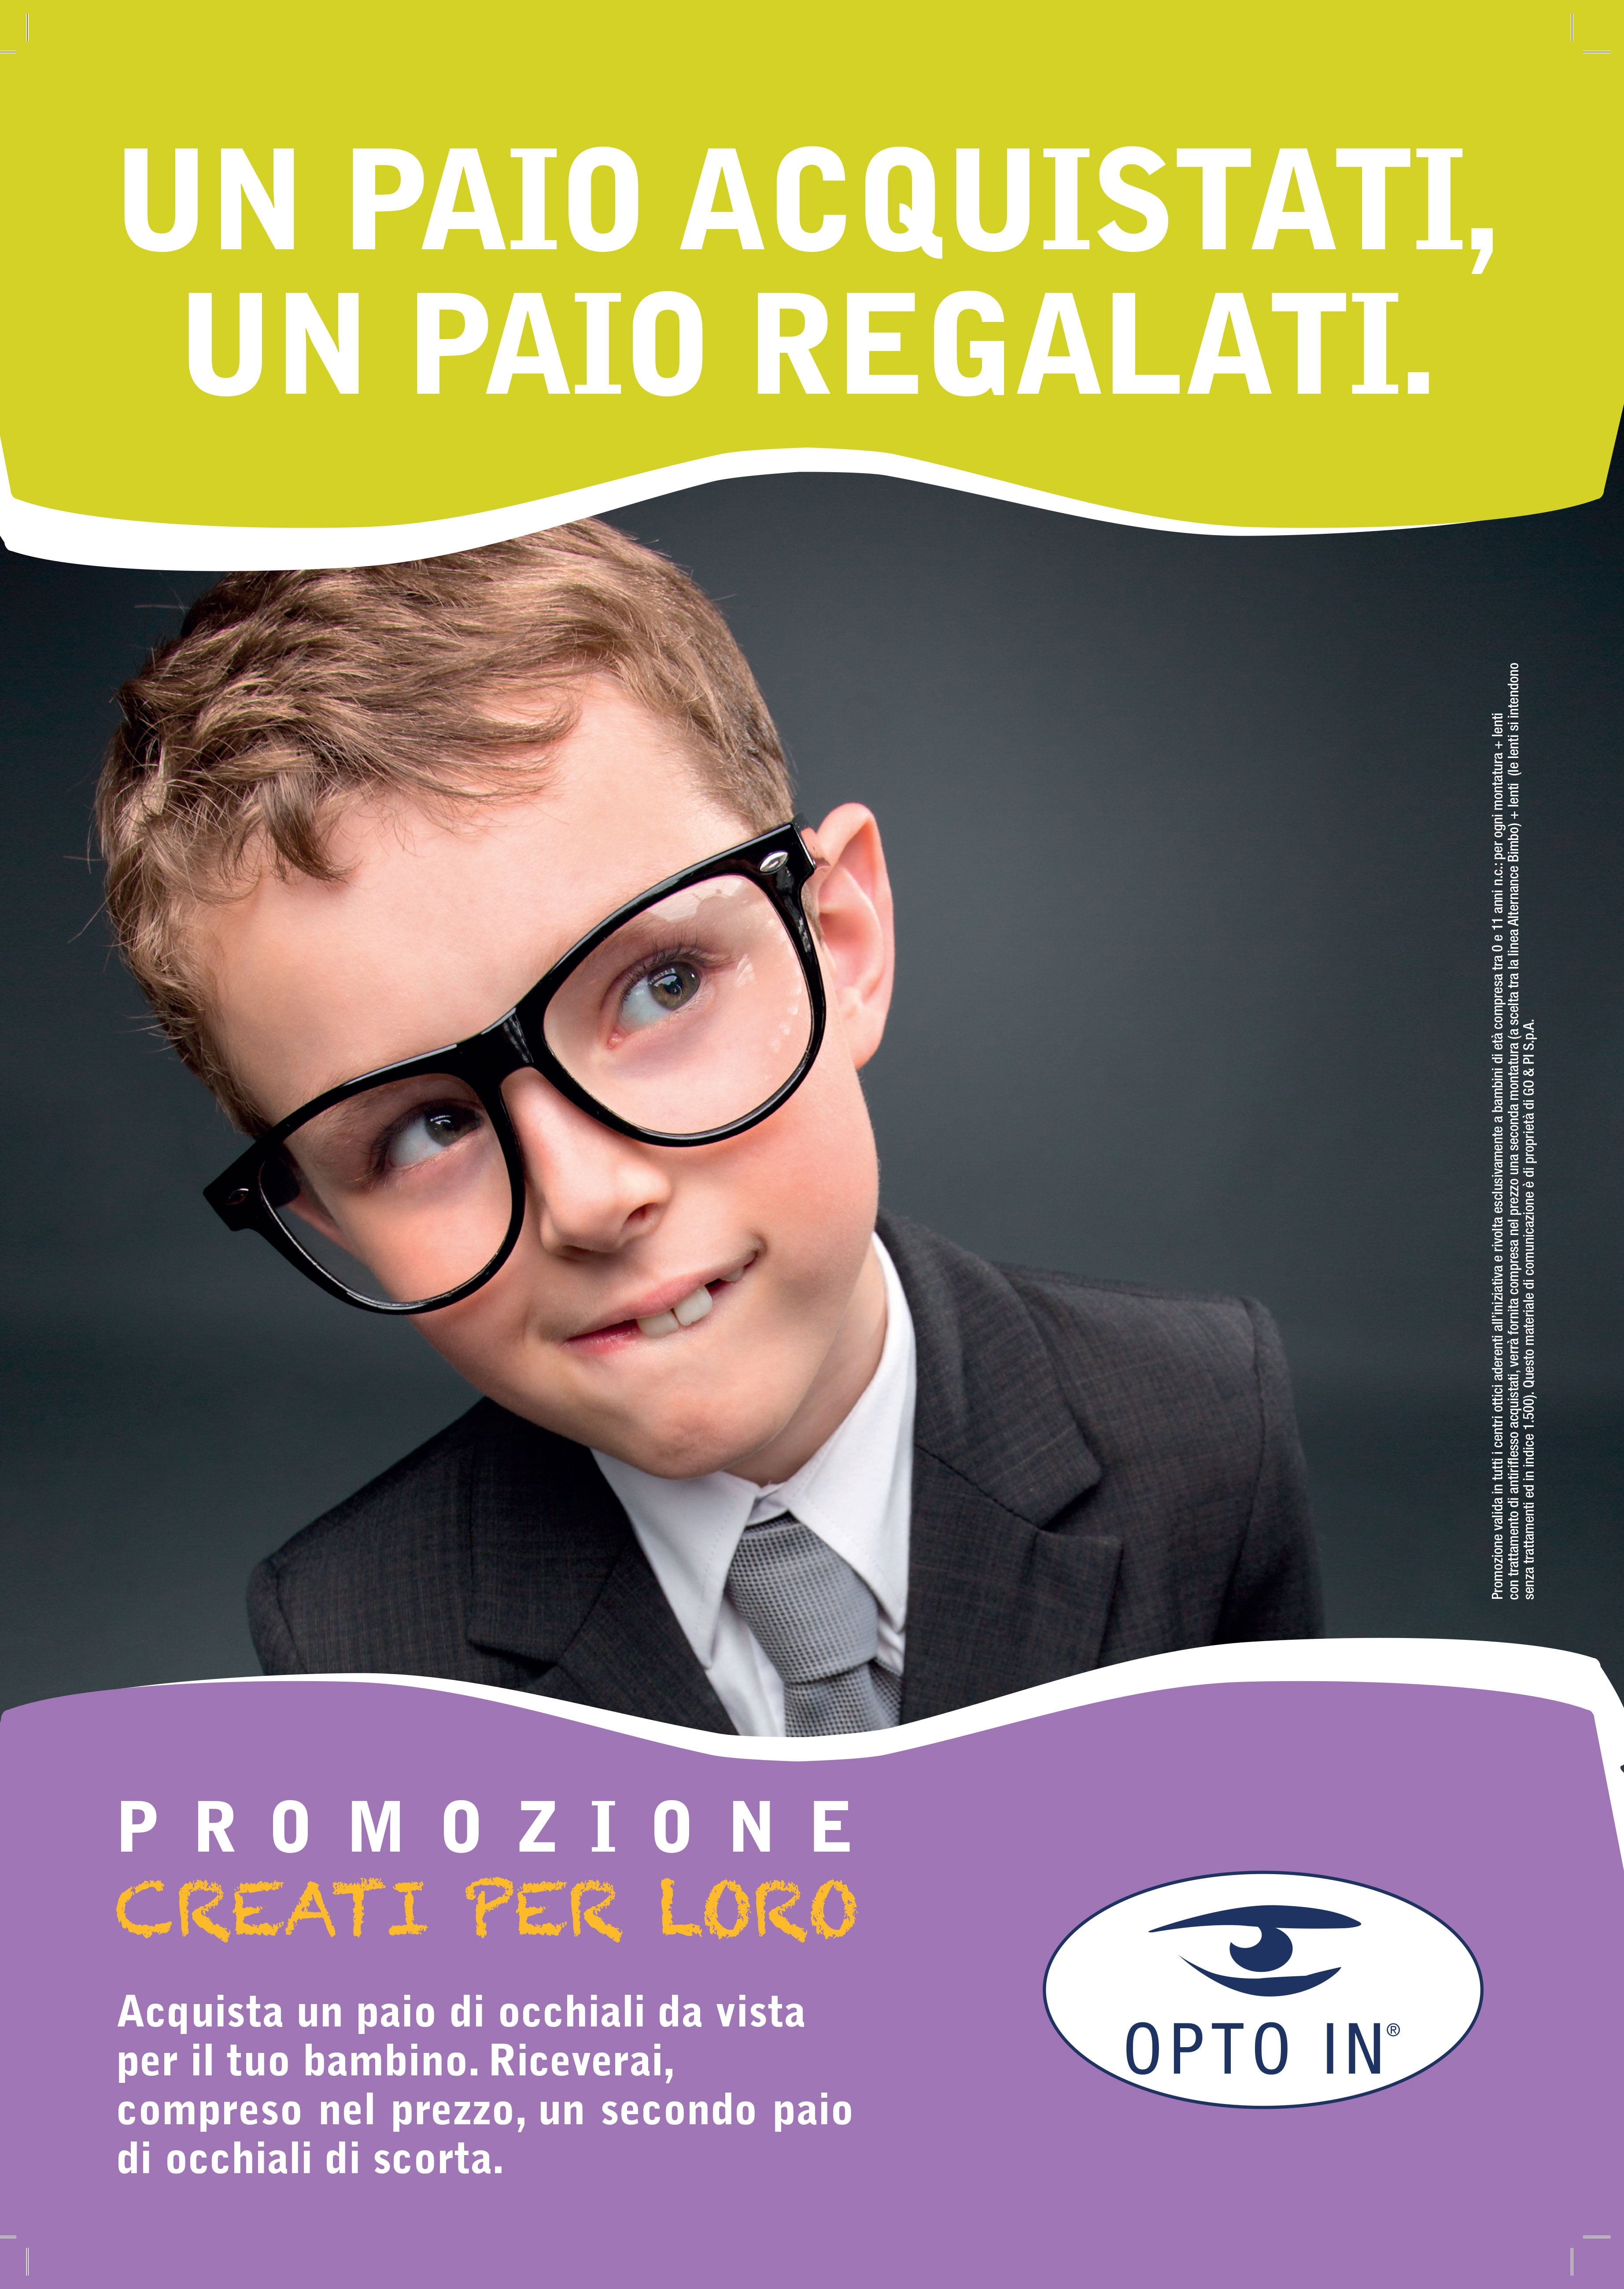 f57fc1673af31e occhiali per bambino in promozione